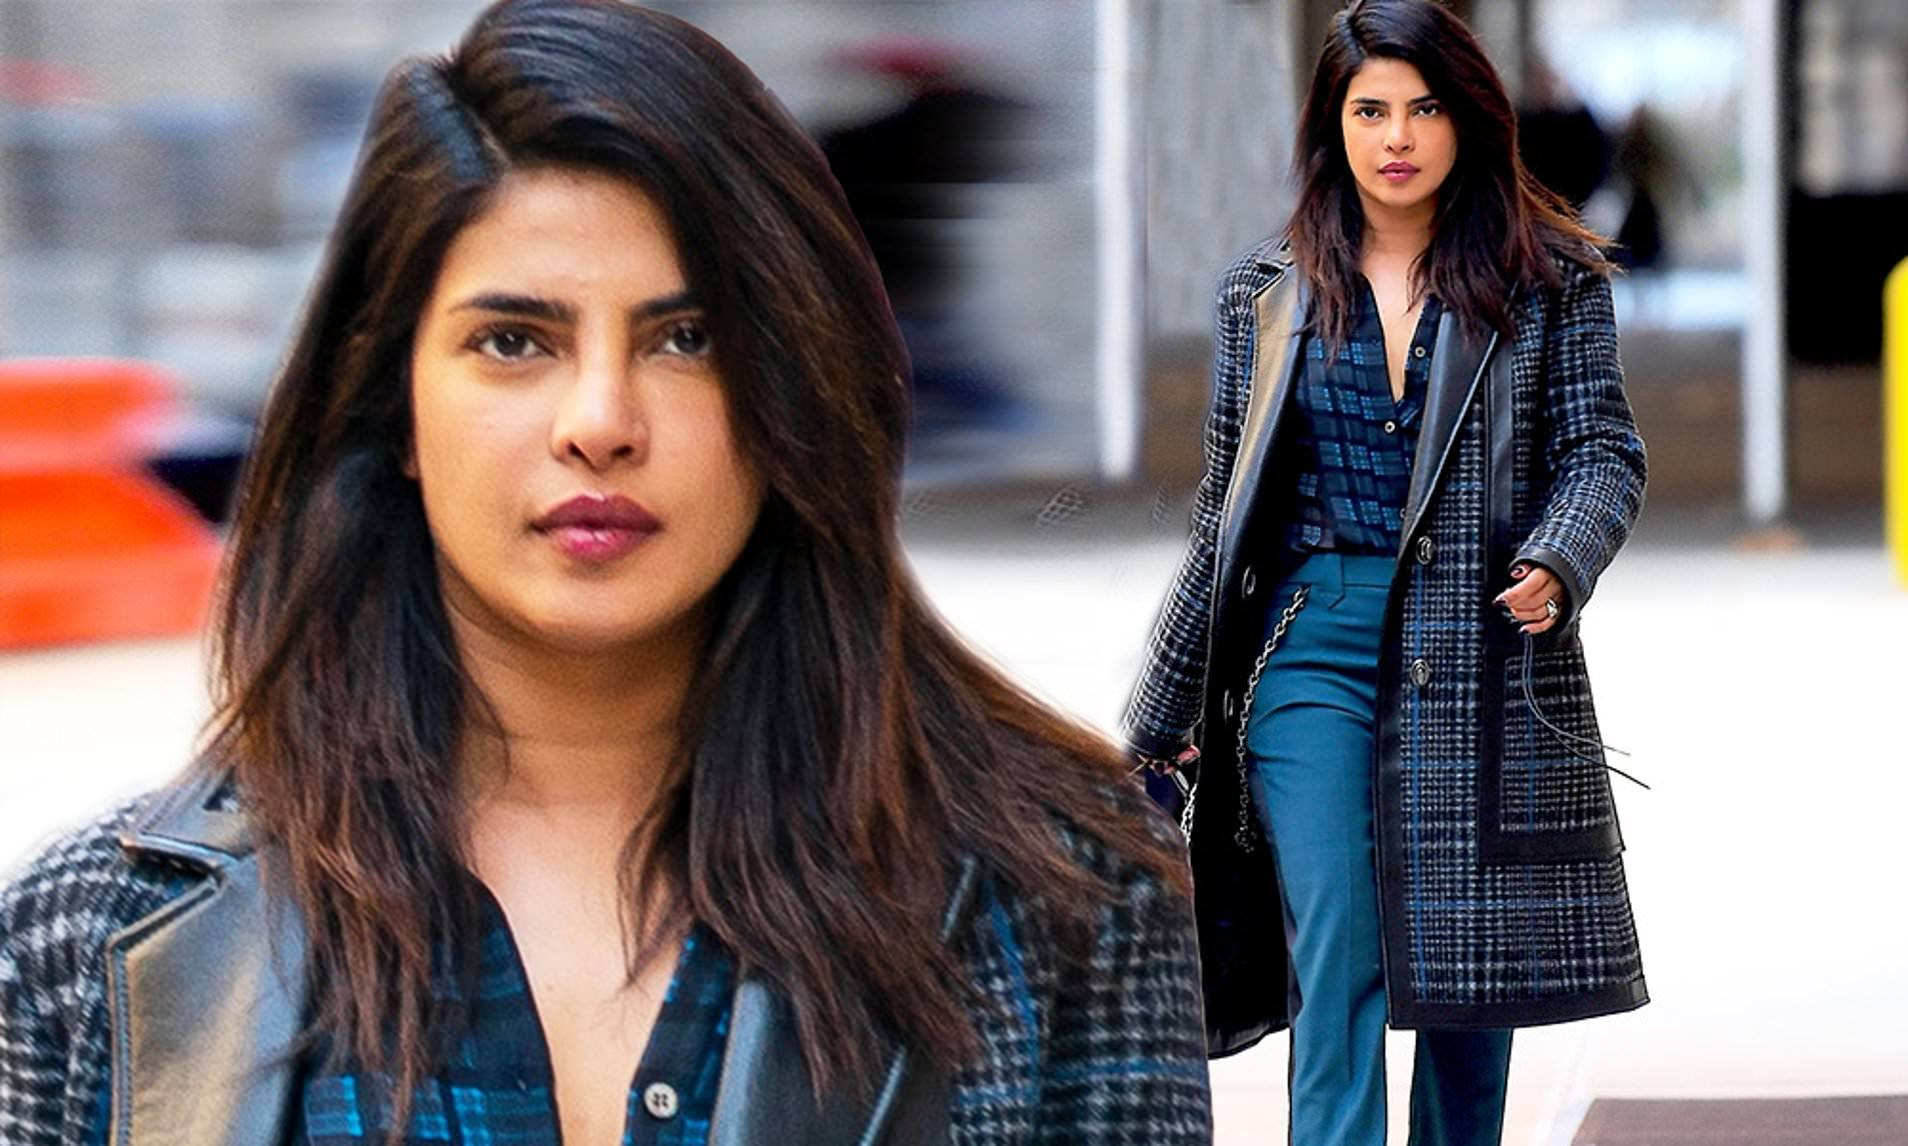 36岁印度巨星穿蓝格子大衣气场足,娃娃脸显嫩,小10岁老公超宠她